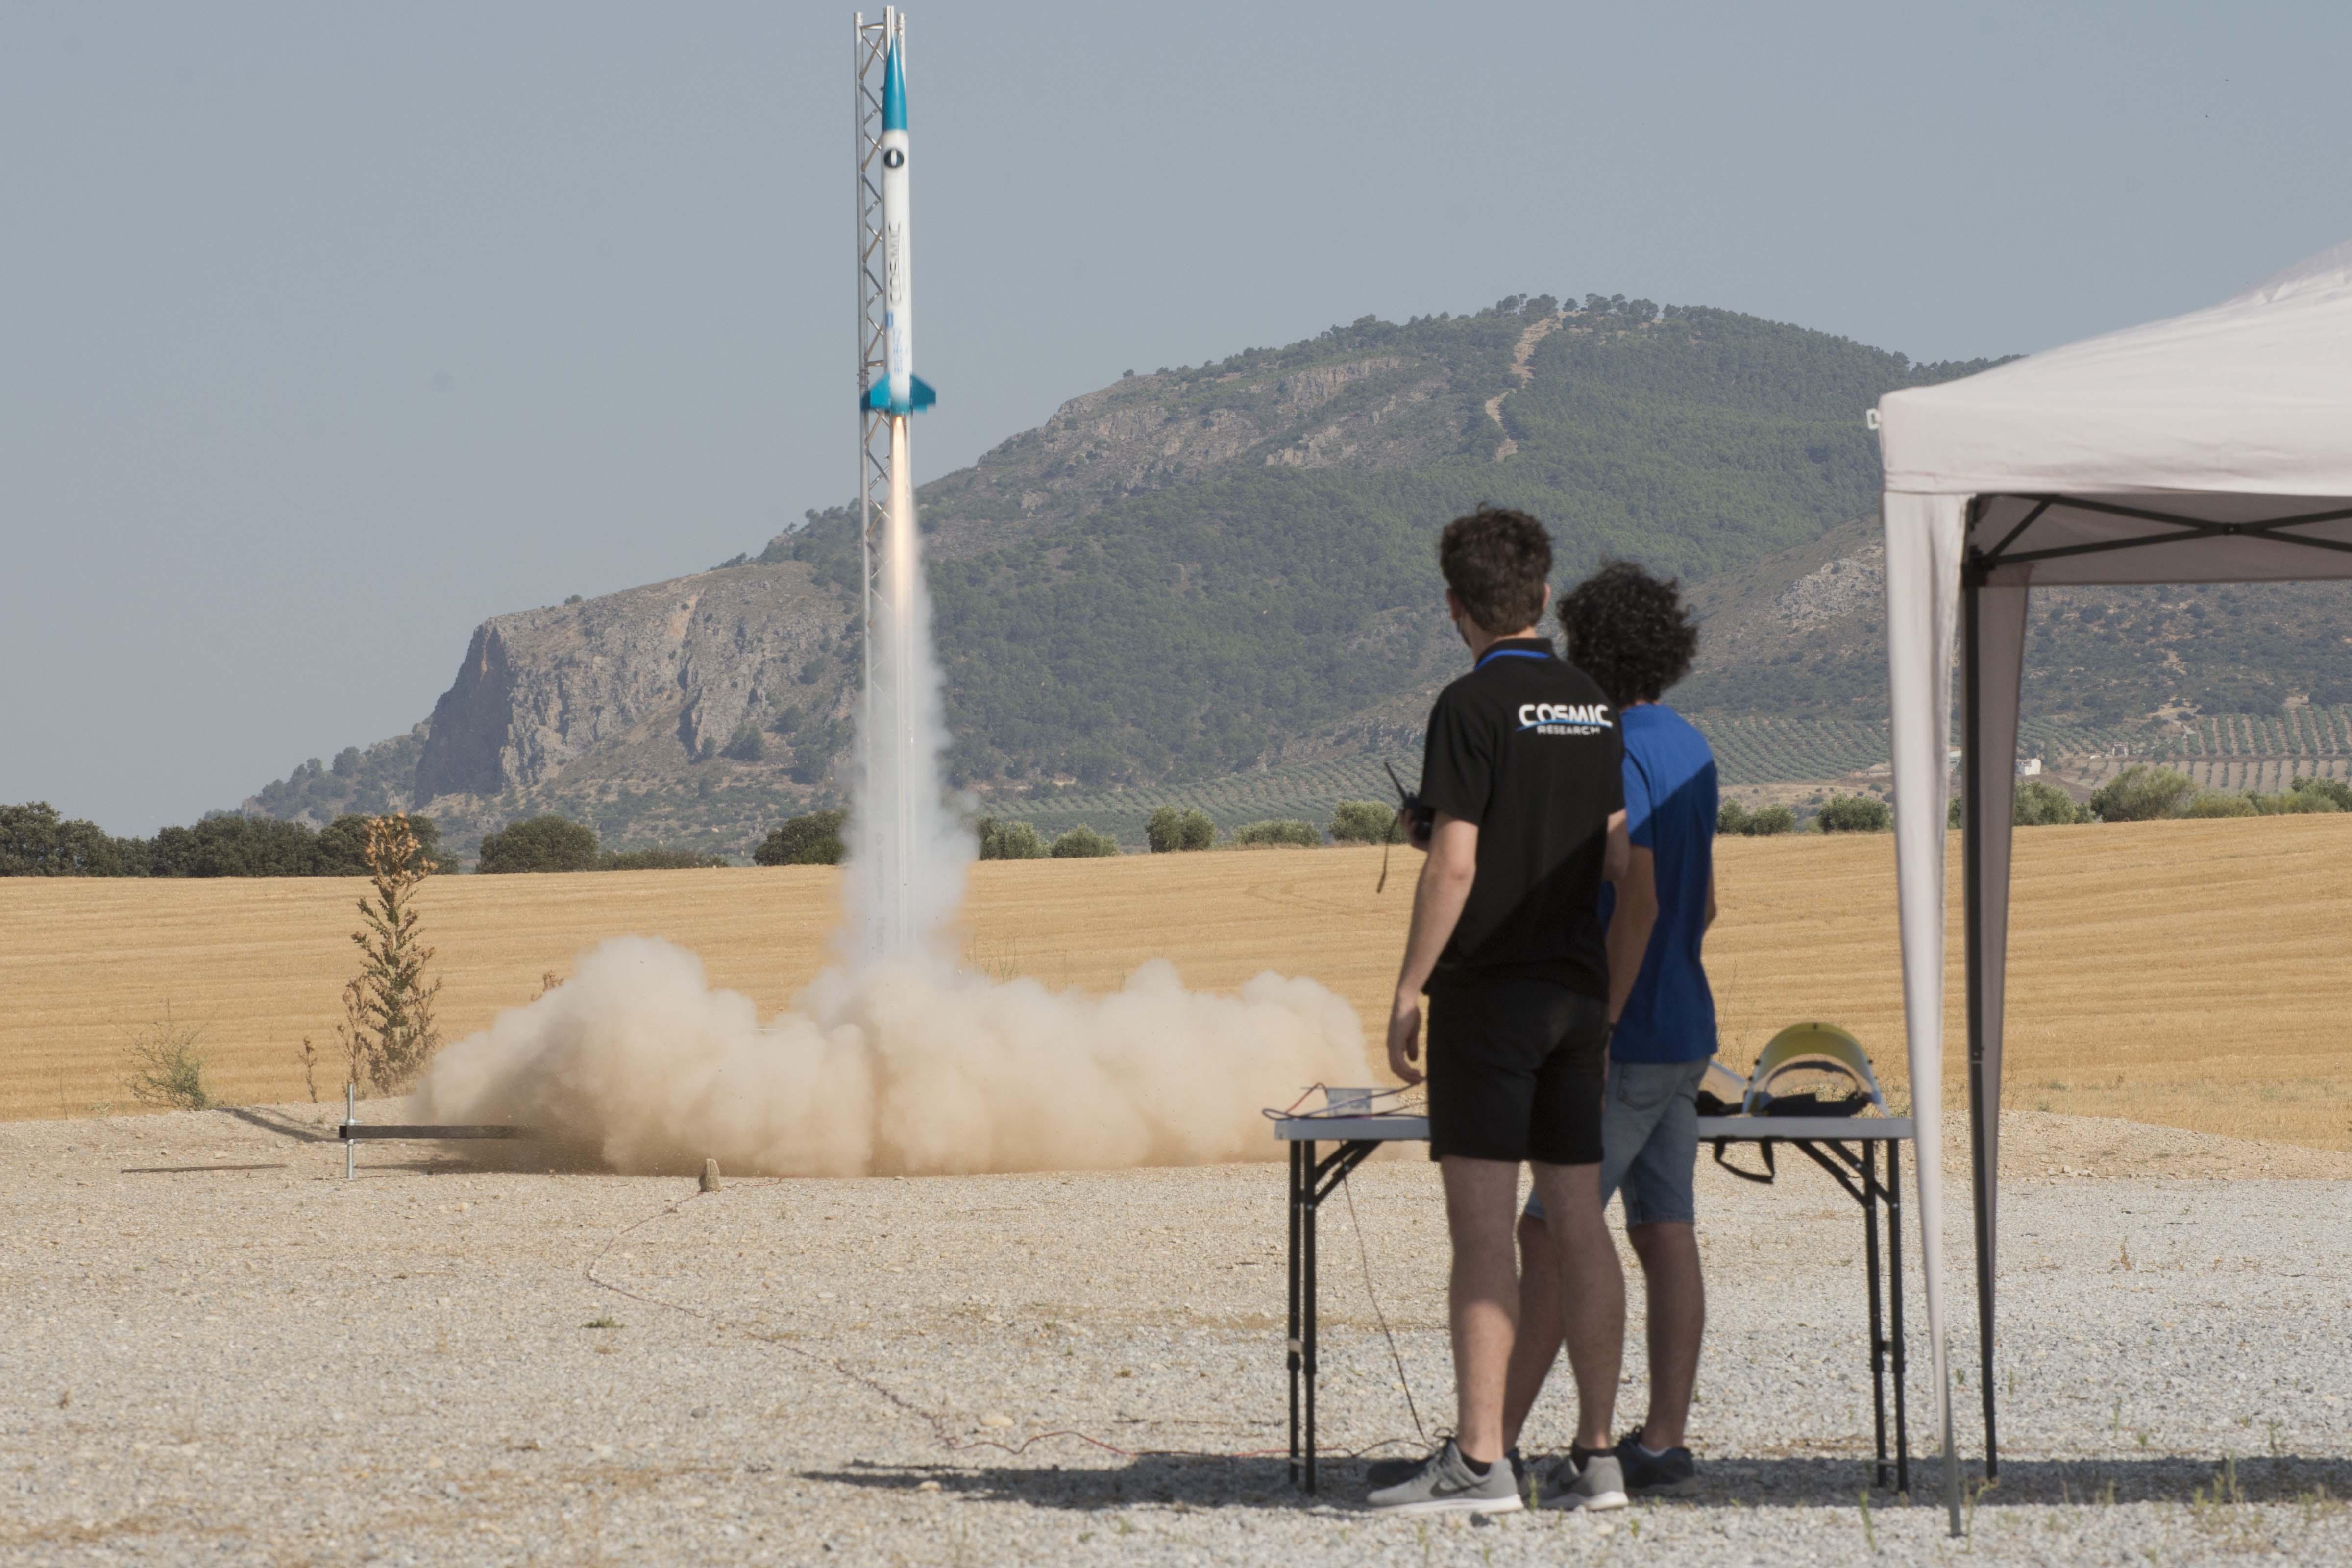 La Oficina española de la Agencia Espacial Europea en el Parque de las Ciencias cumple 3 años